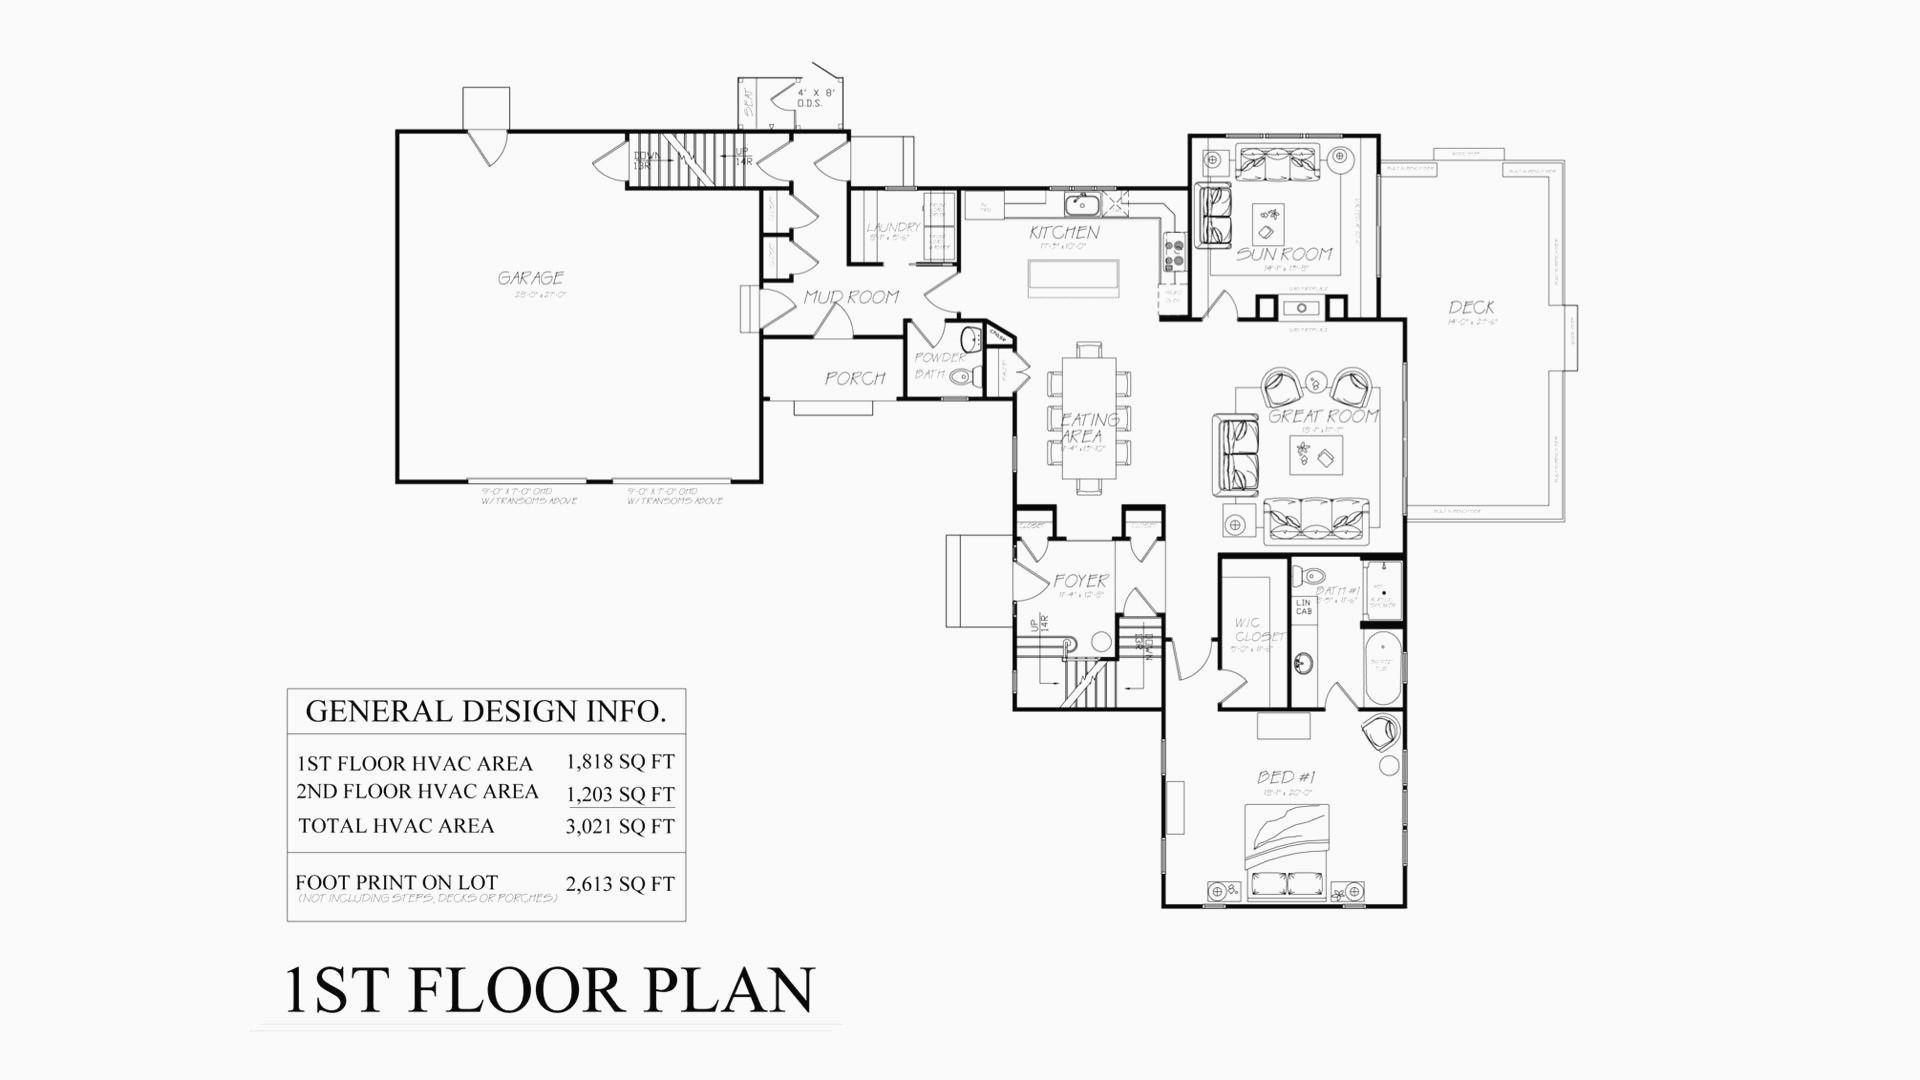 pitbull dog house plans luxury plans for dog house inspirational pitbull dog house plans 0d c0df39d